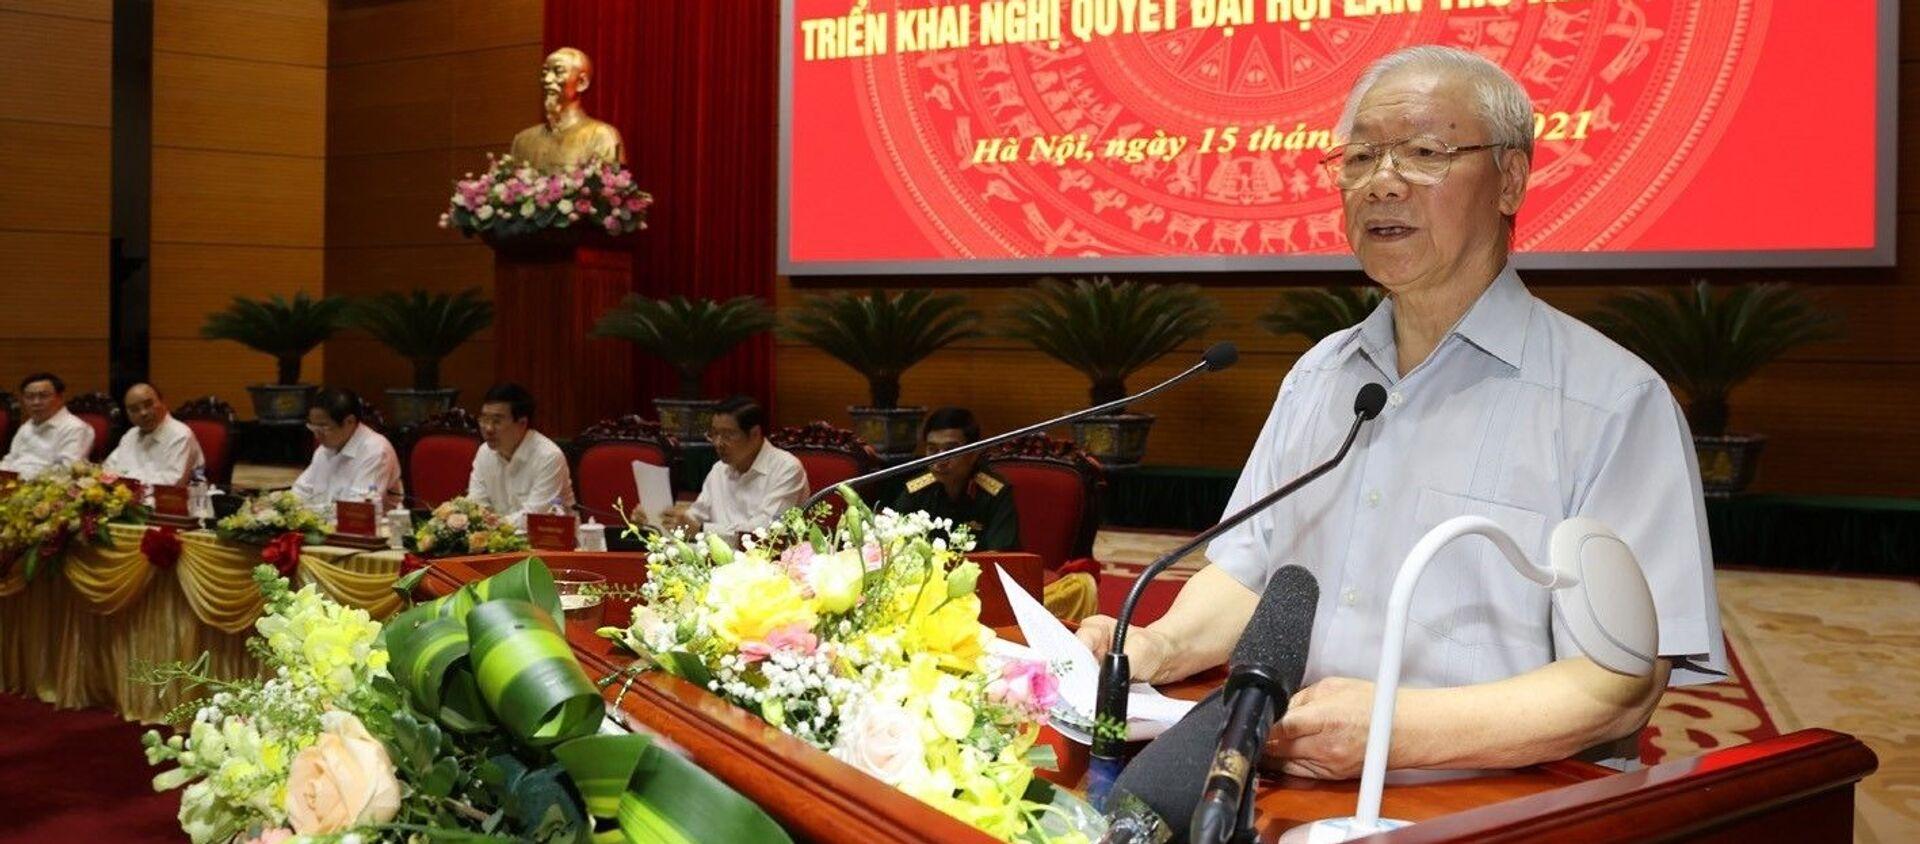 Tổng Bí thư Nguyễn Phú Trọng phát biểu chỉ đạo hội nghị - Sputnik Việt Nam, 1920, 15.09.2021